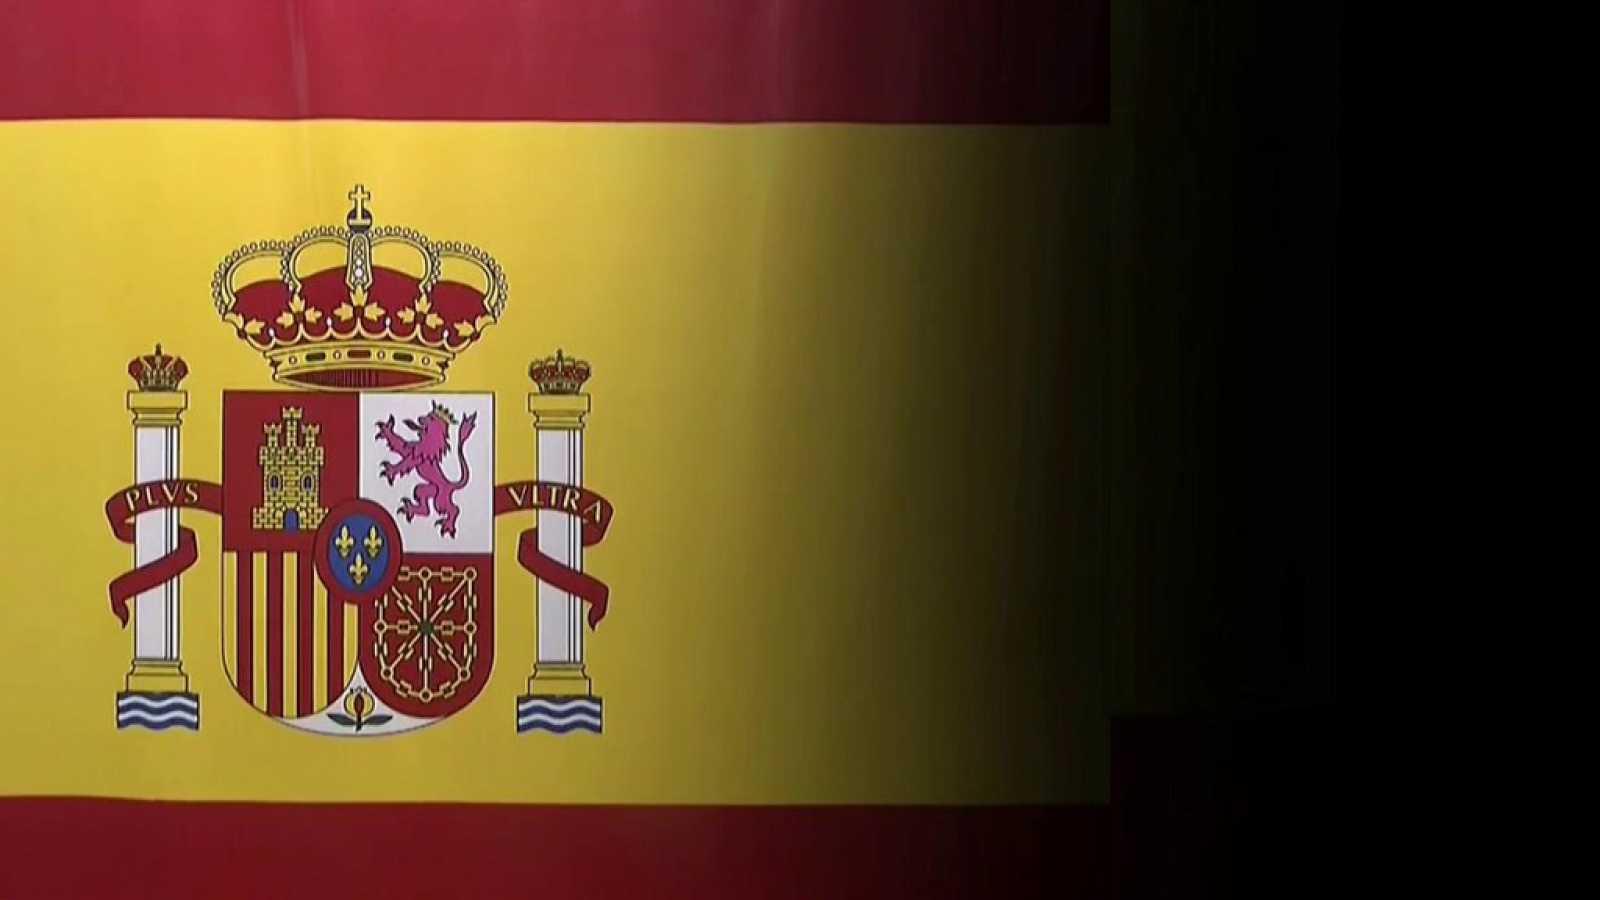 b263d93e77692 Para todos los públicos Otros documentales - Historias de la bandera - ver  ahora reproducir video